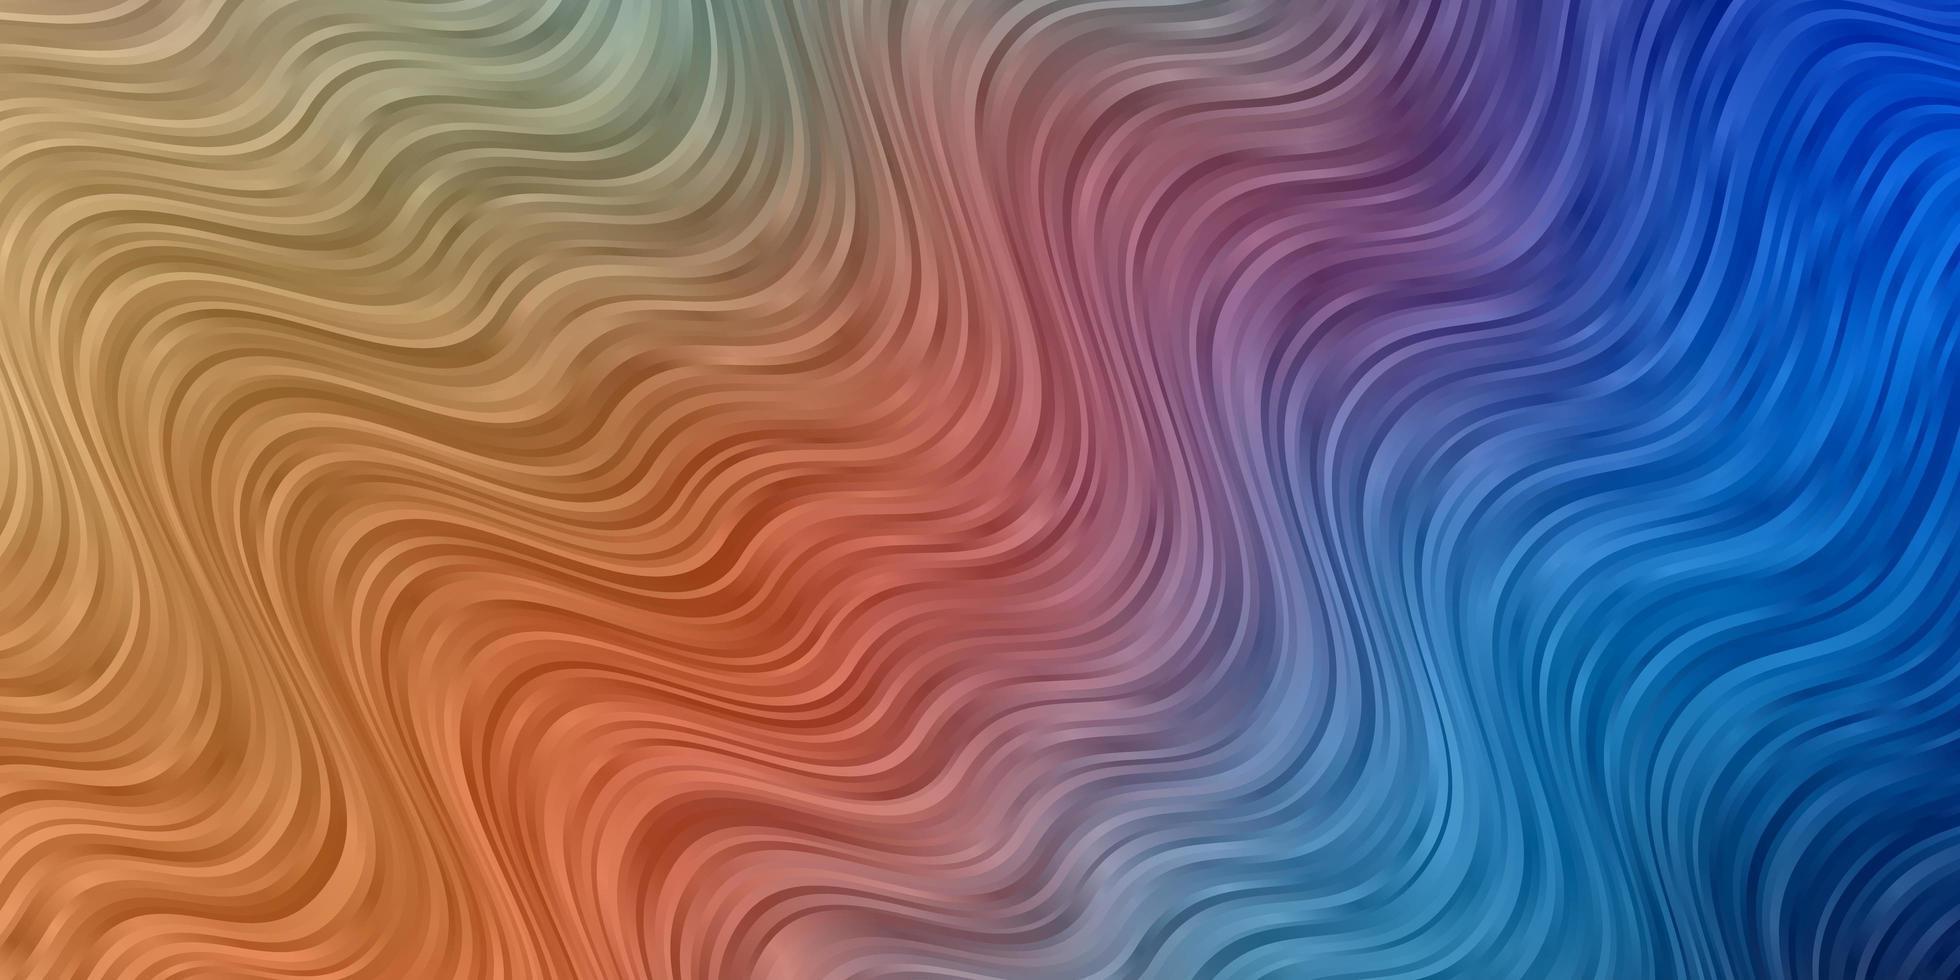 lichtblauw, geel vector sjabloon met curven.